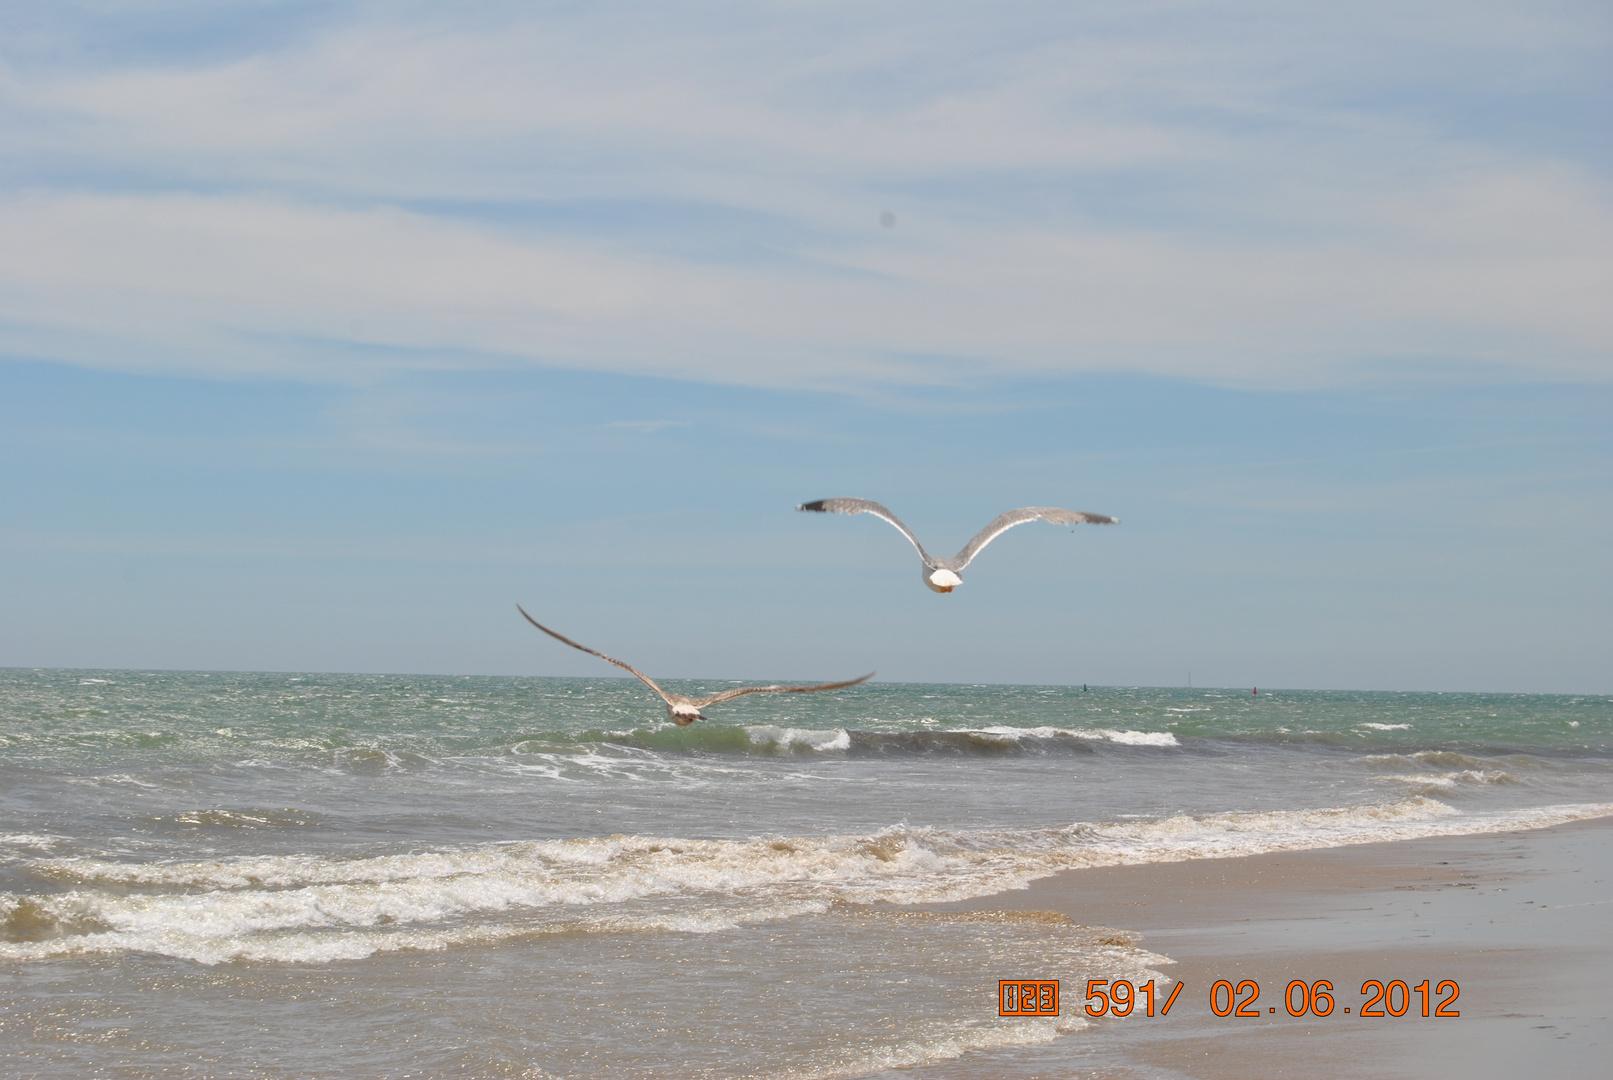 Gaviotas volando en la playa de El Portil